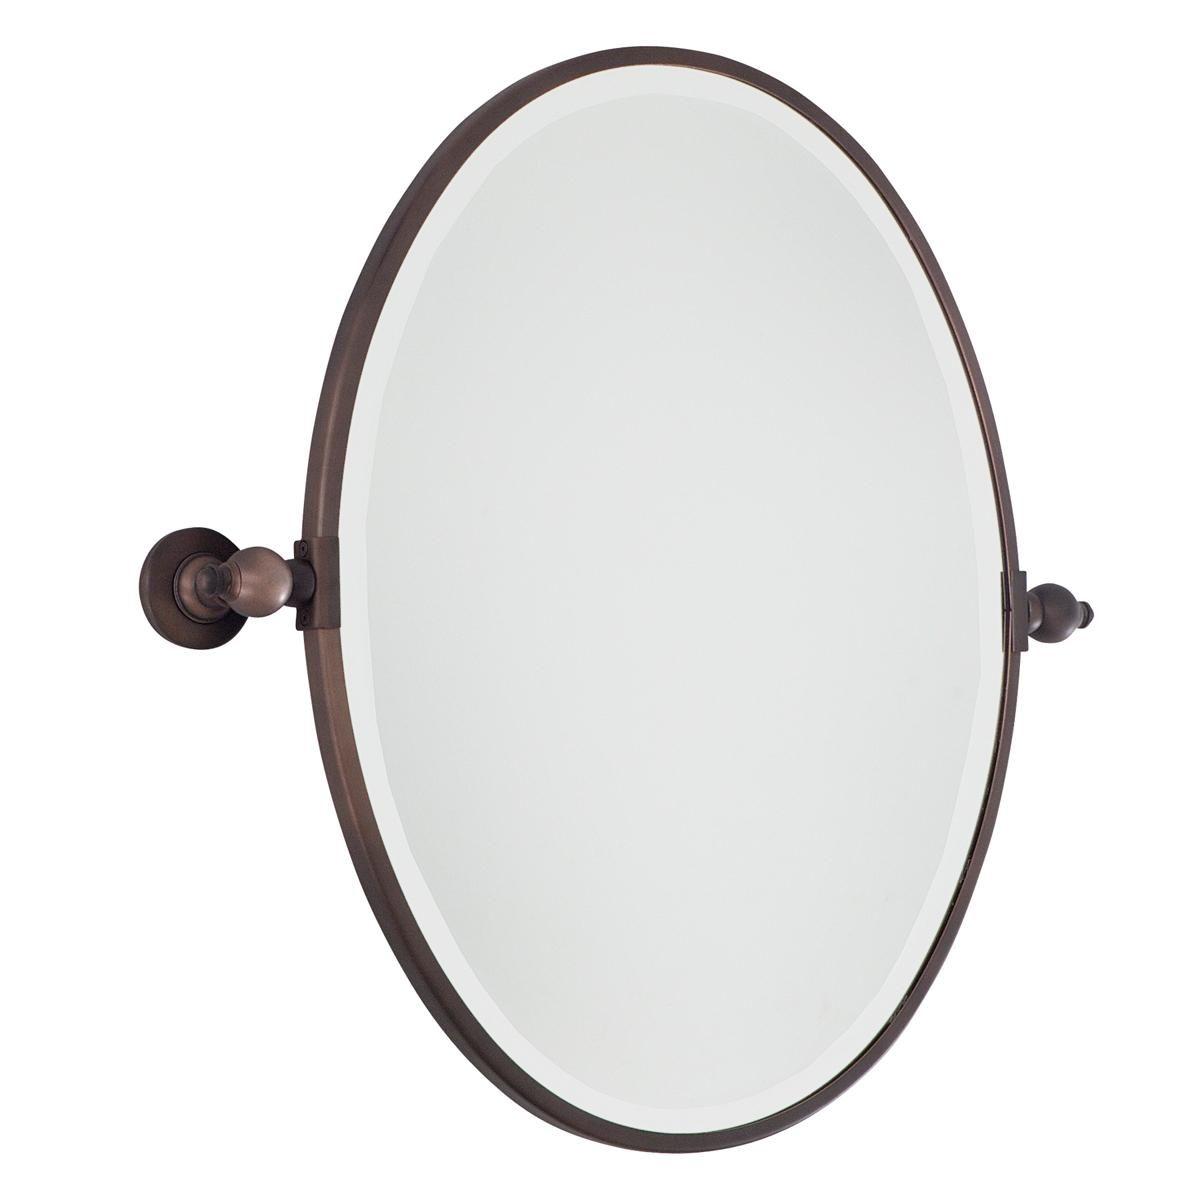 Oval Tilt Bathroom Mirror Chrome 2 For S Bath